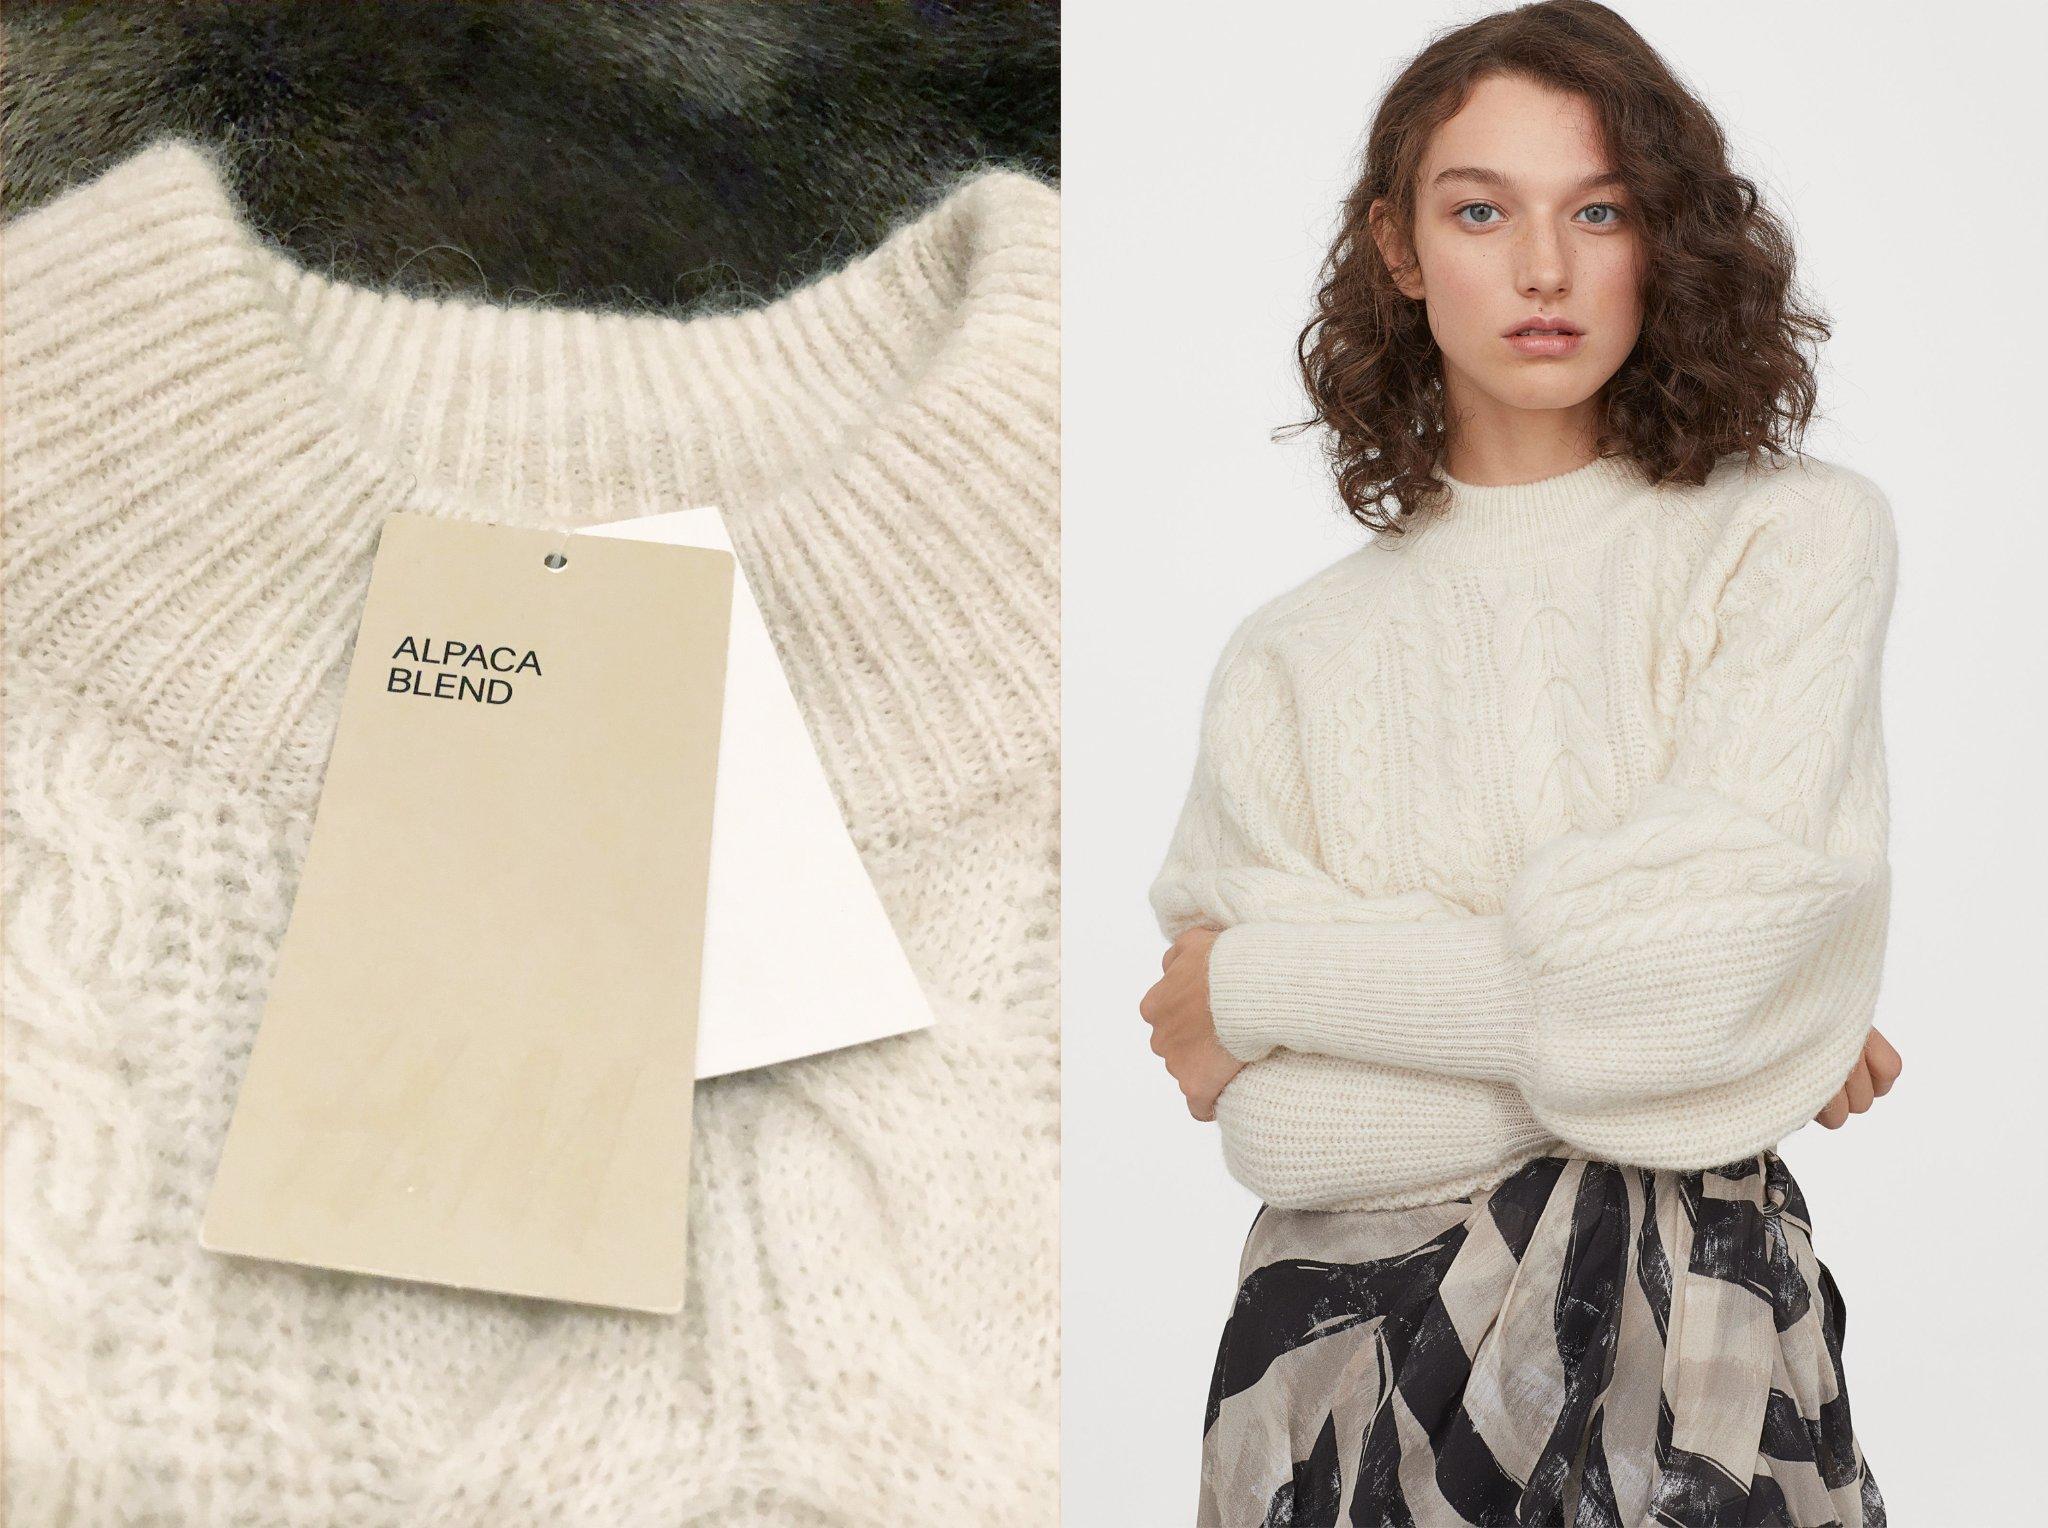 Ny 499: H&M tröja alpackamix kabelstickad ullmix ull stickad naturvit vit 36 S